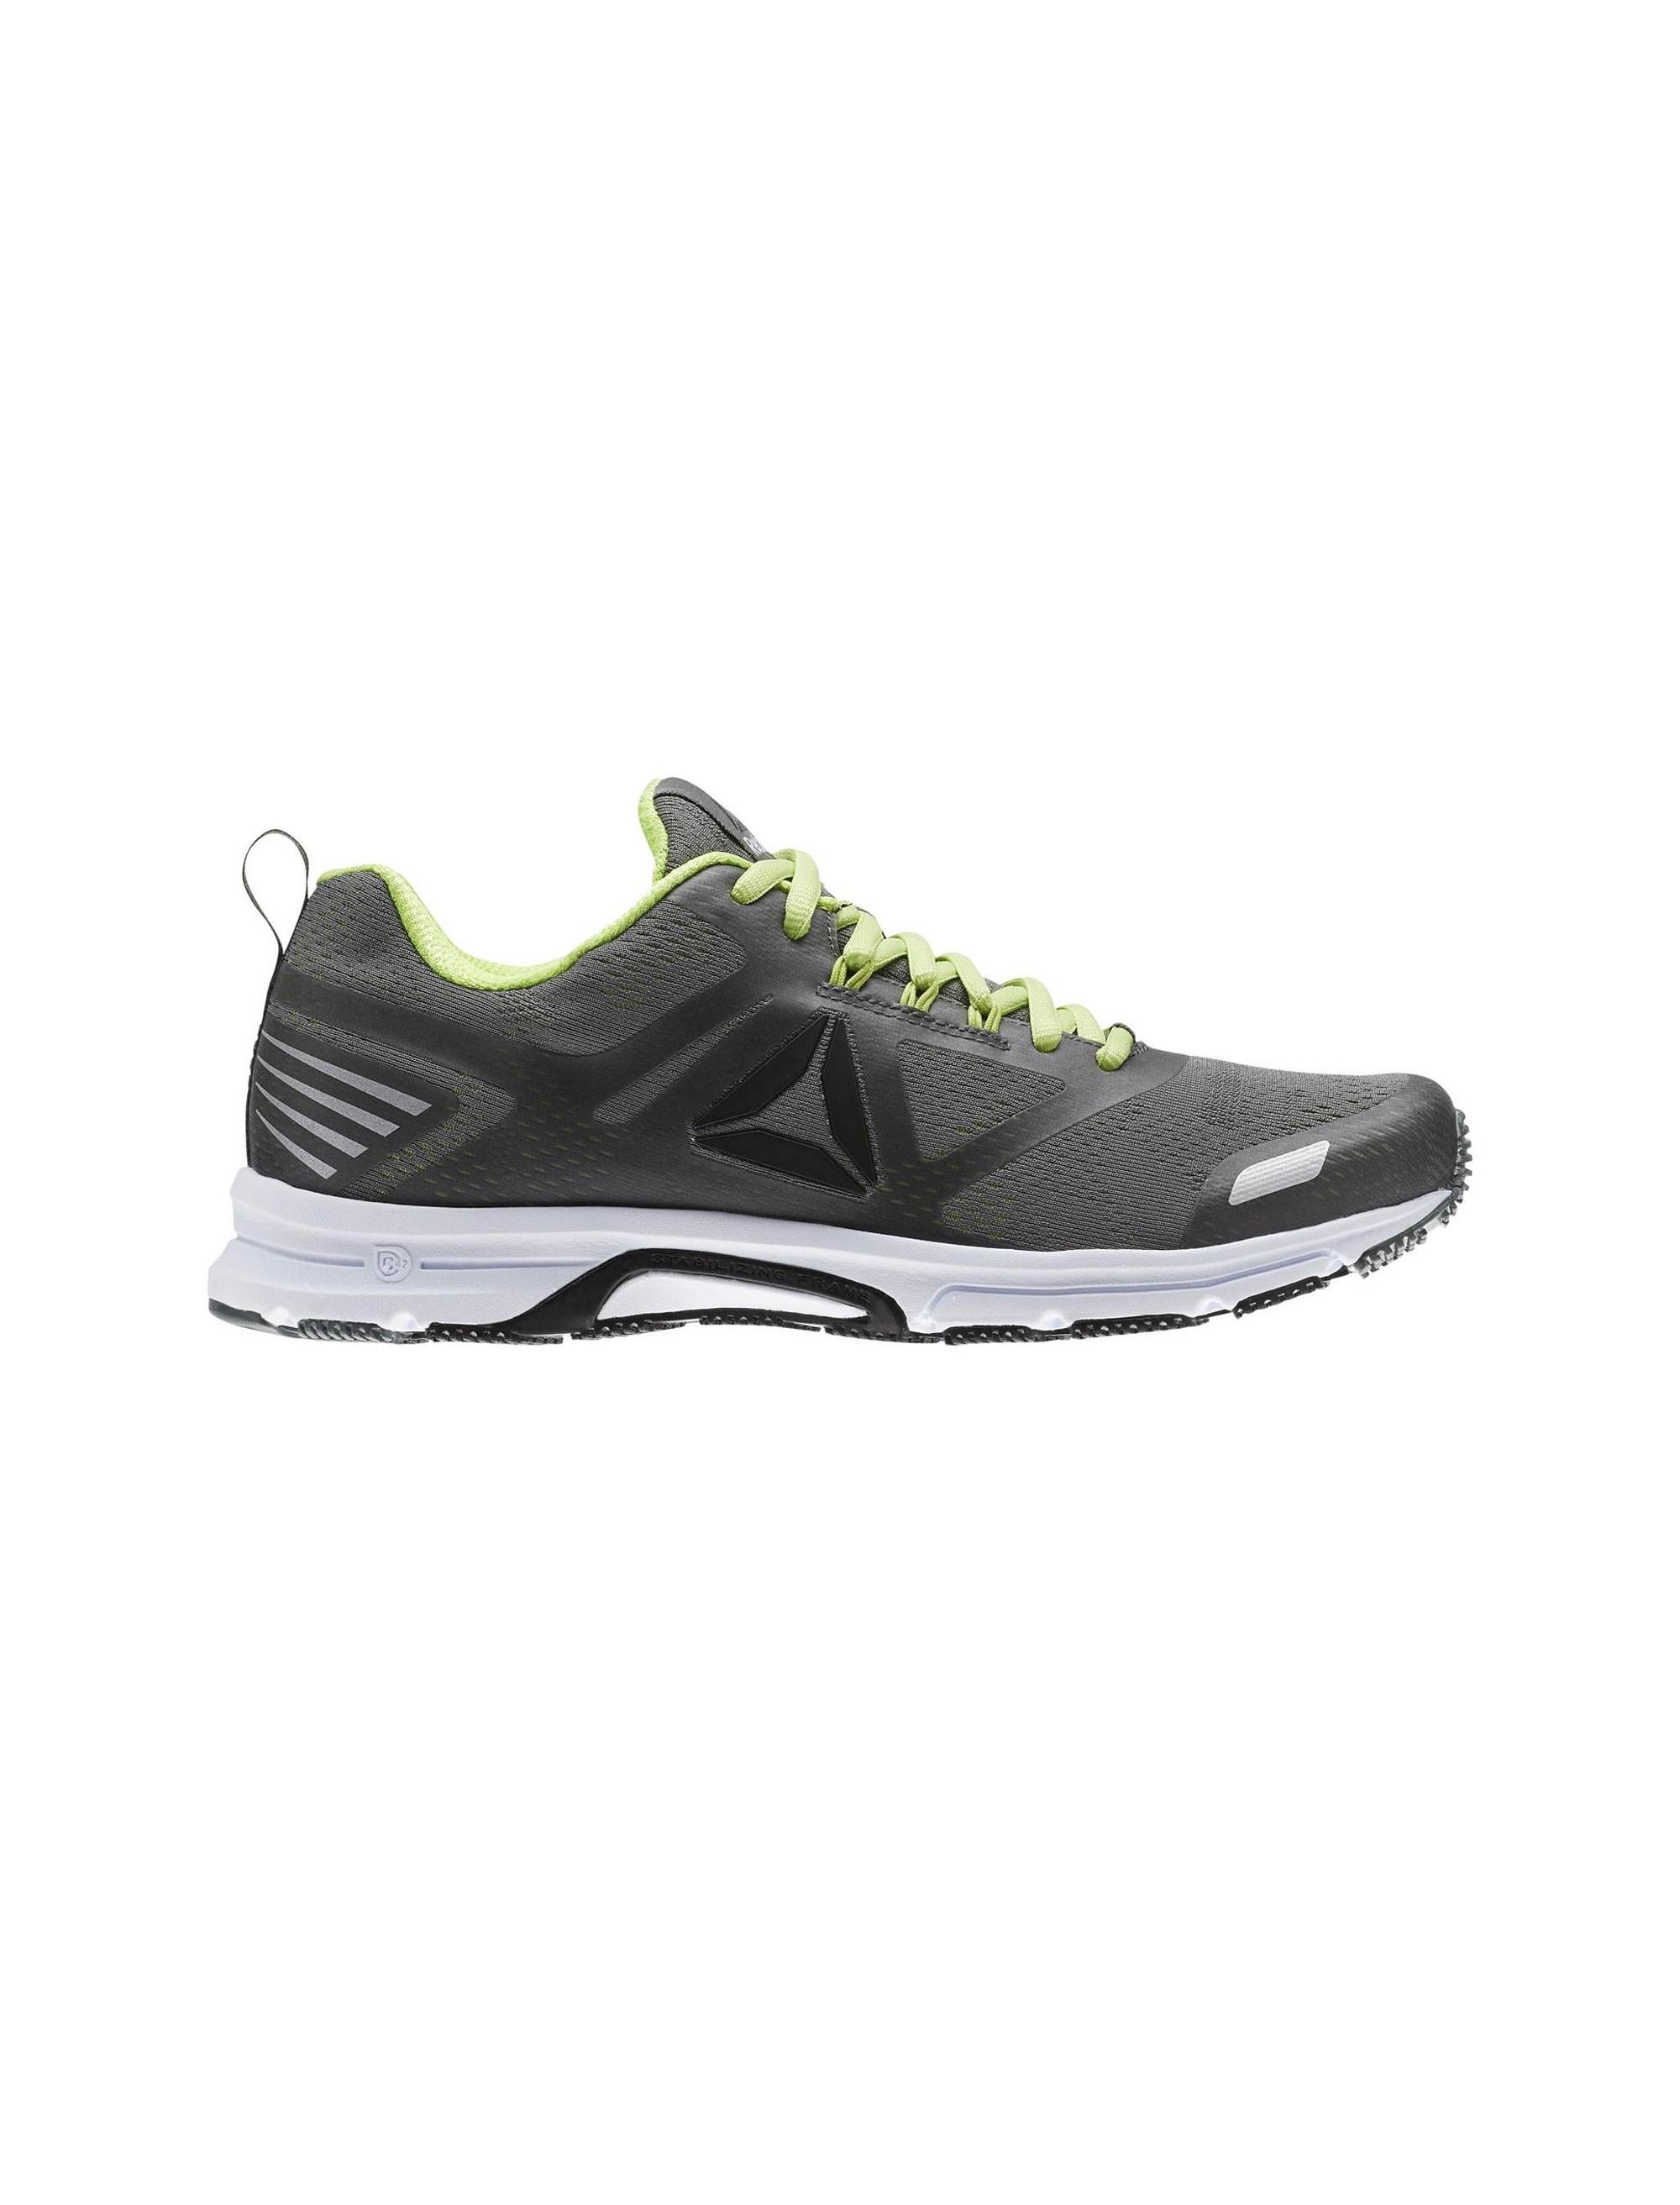 قیمت کفش مخصوص دویدن مردانه ریباک مدل Reebok Runner